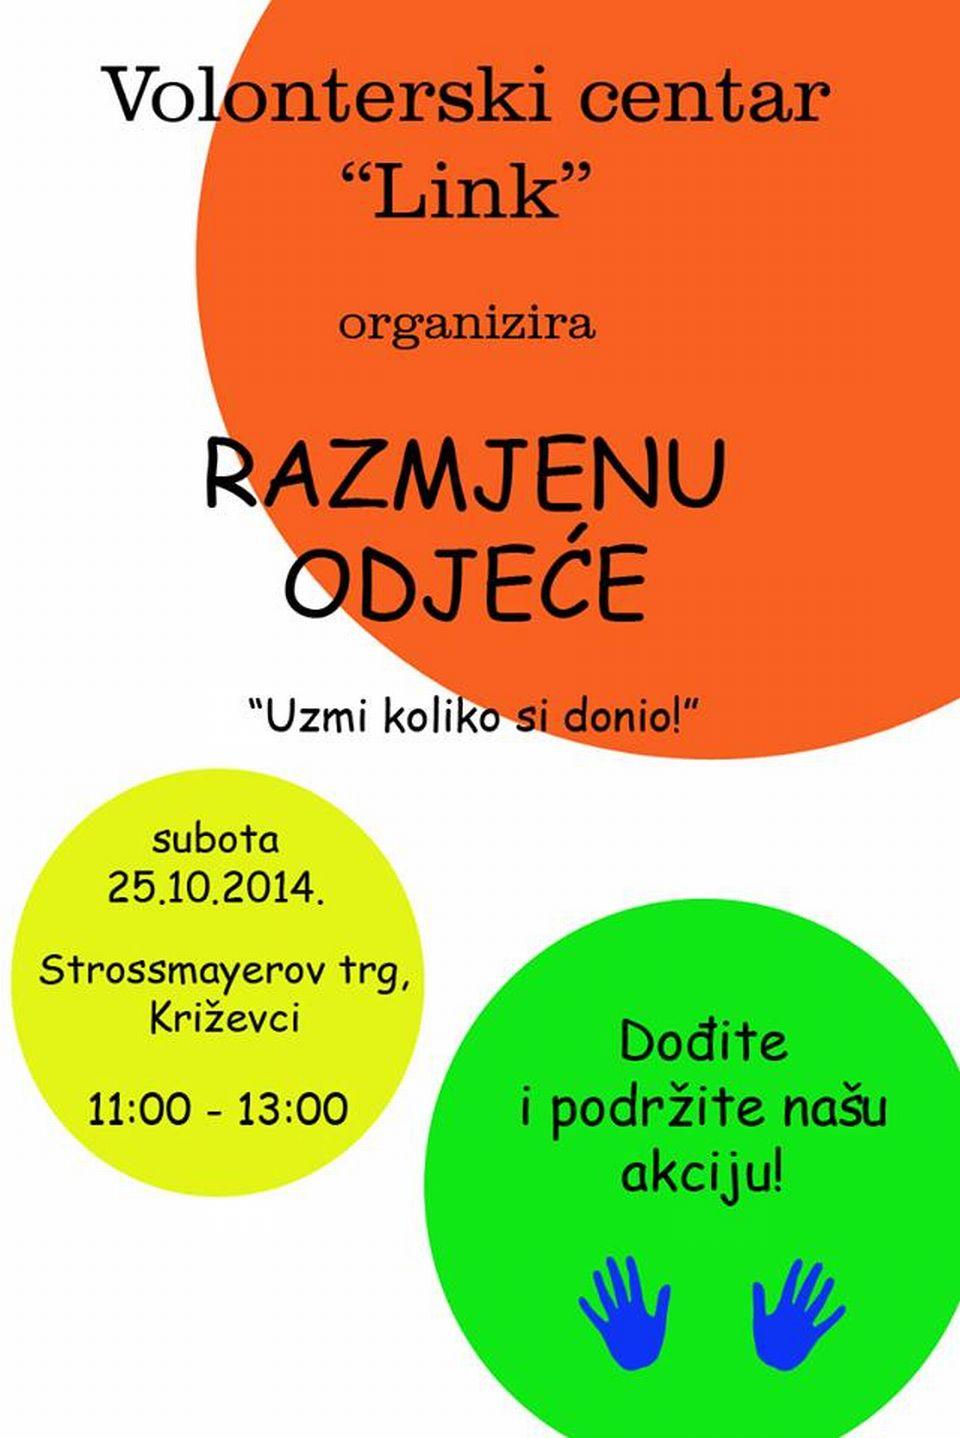 Razmjena_odjeca_recikliraj_Volonterski_centar_Link